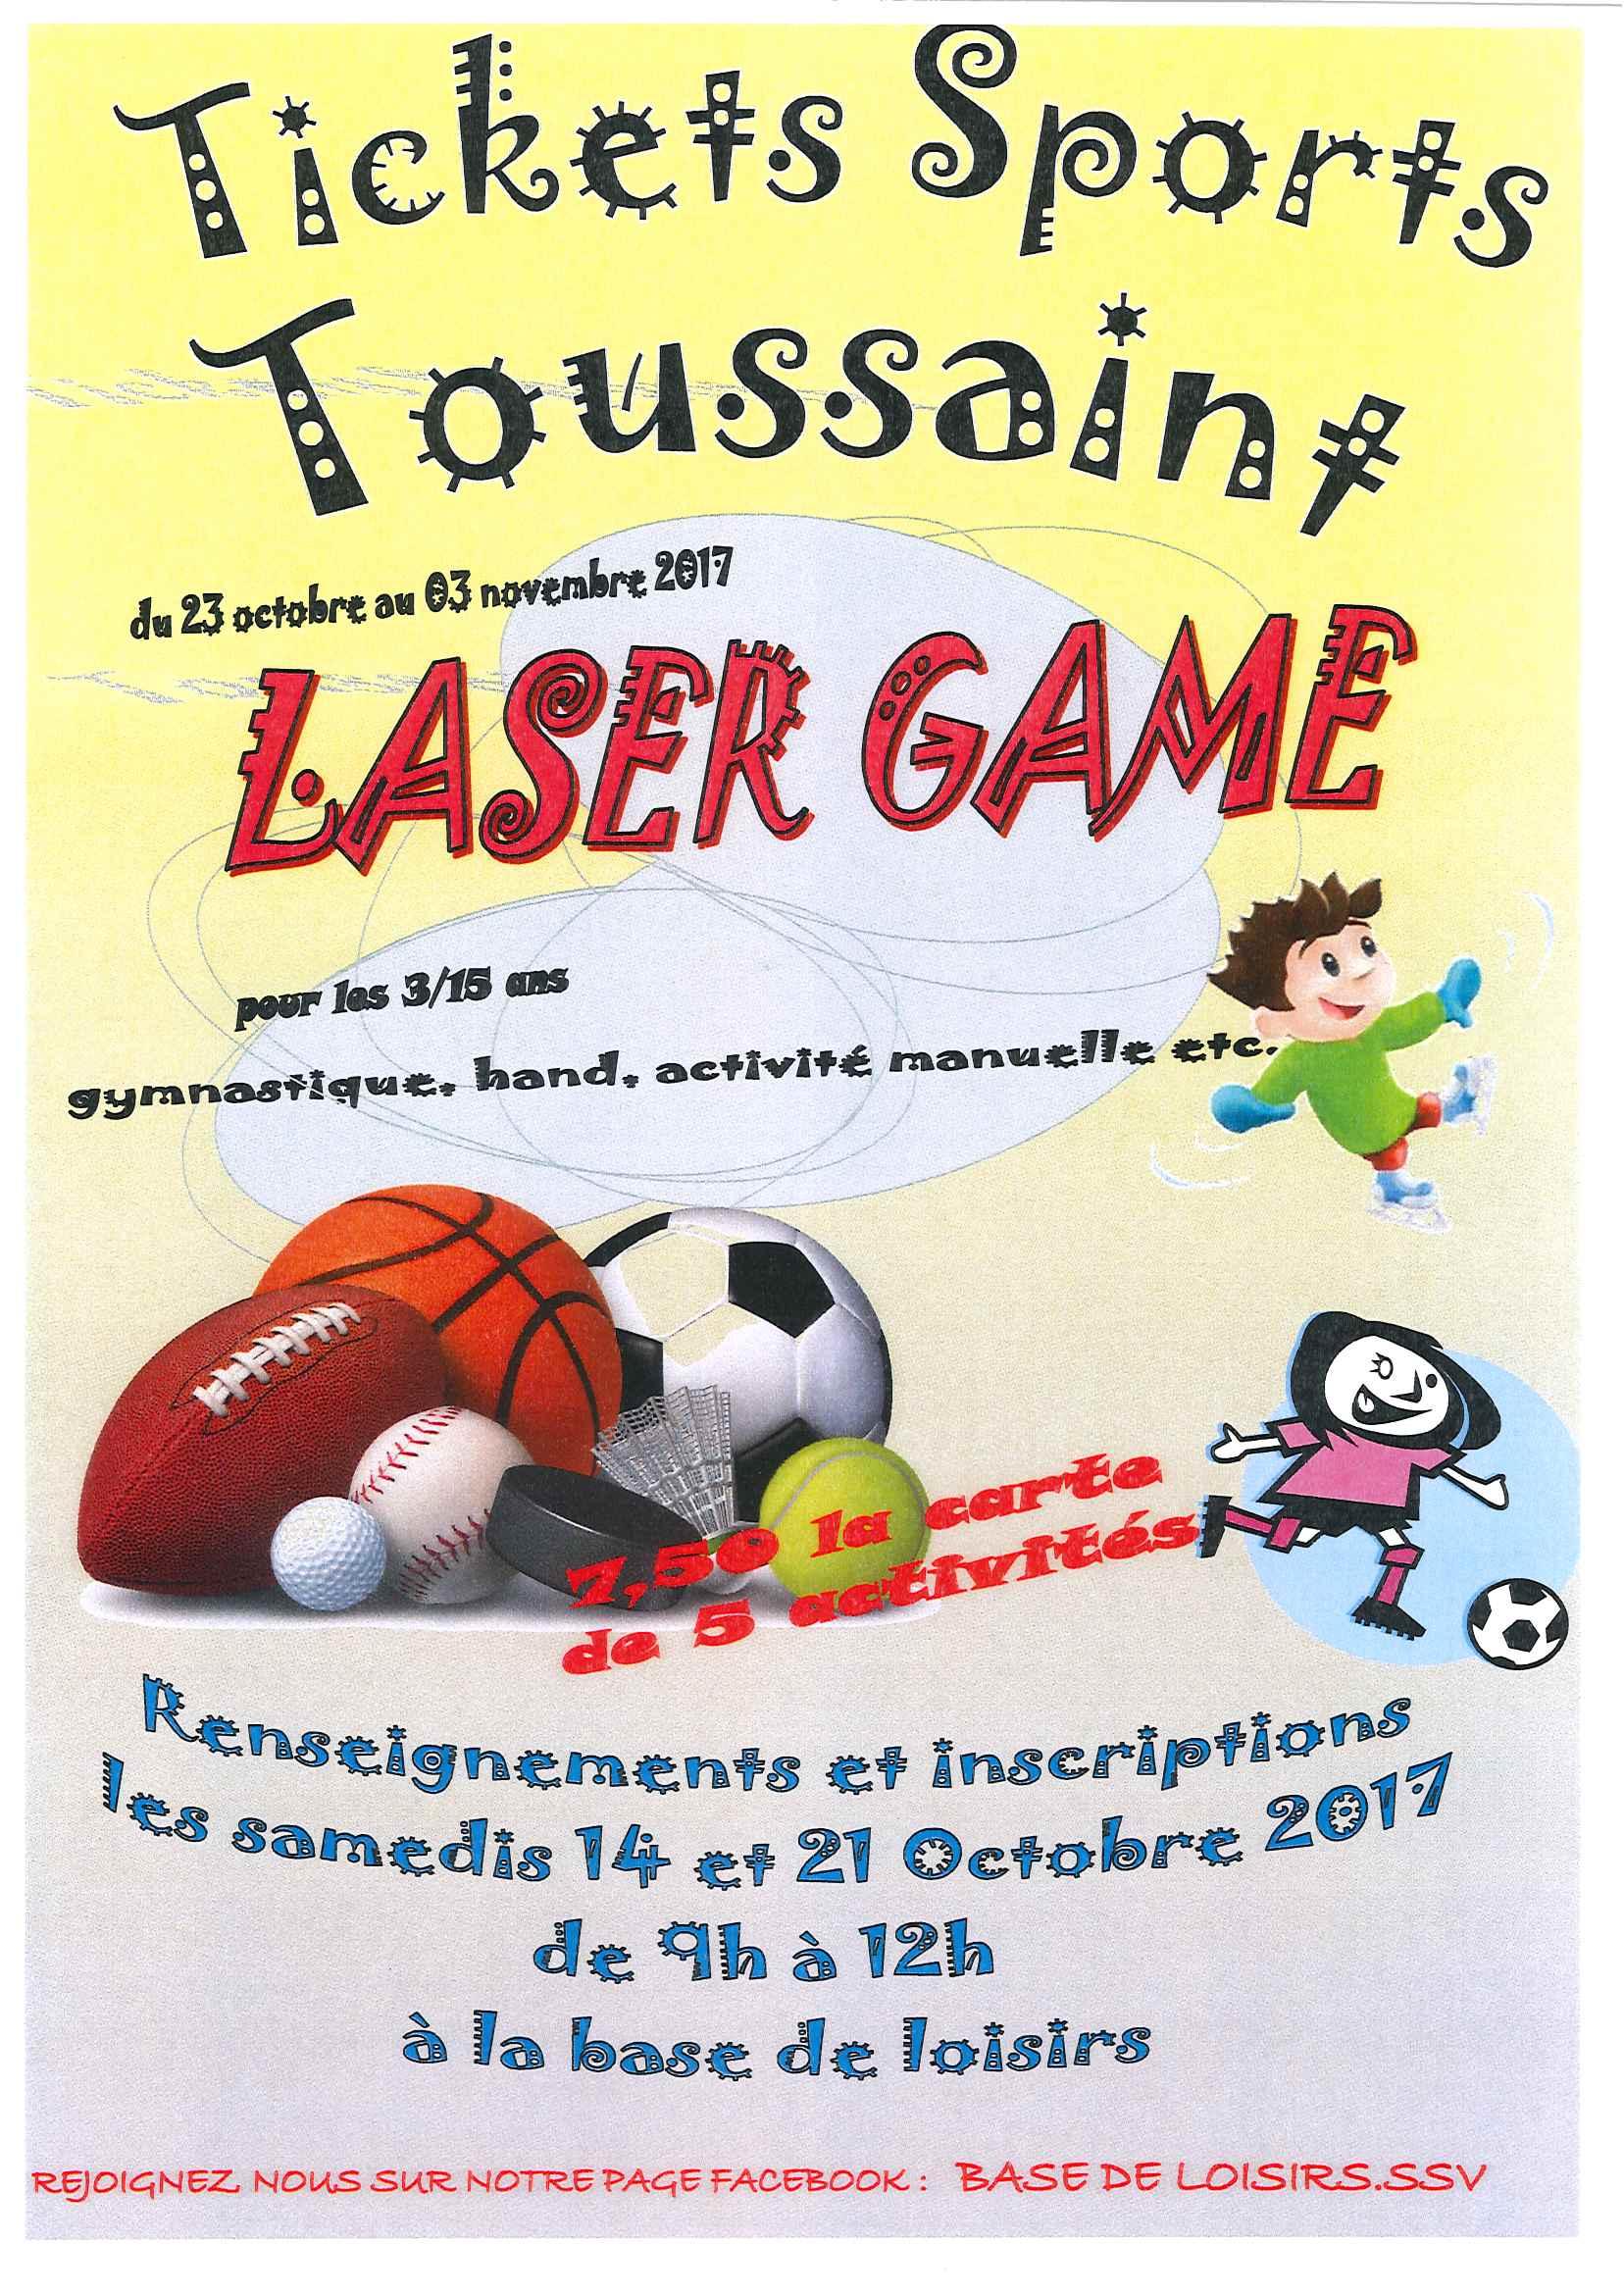 Laser game mairie de saint sauveur le vicomte - Piscine saint sauveur le vicomte ...